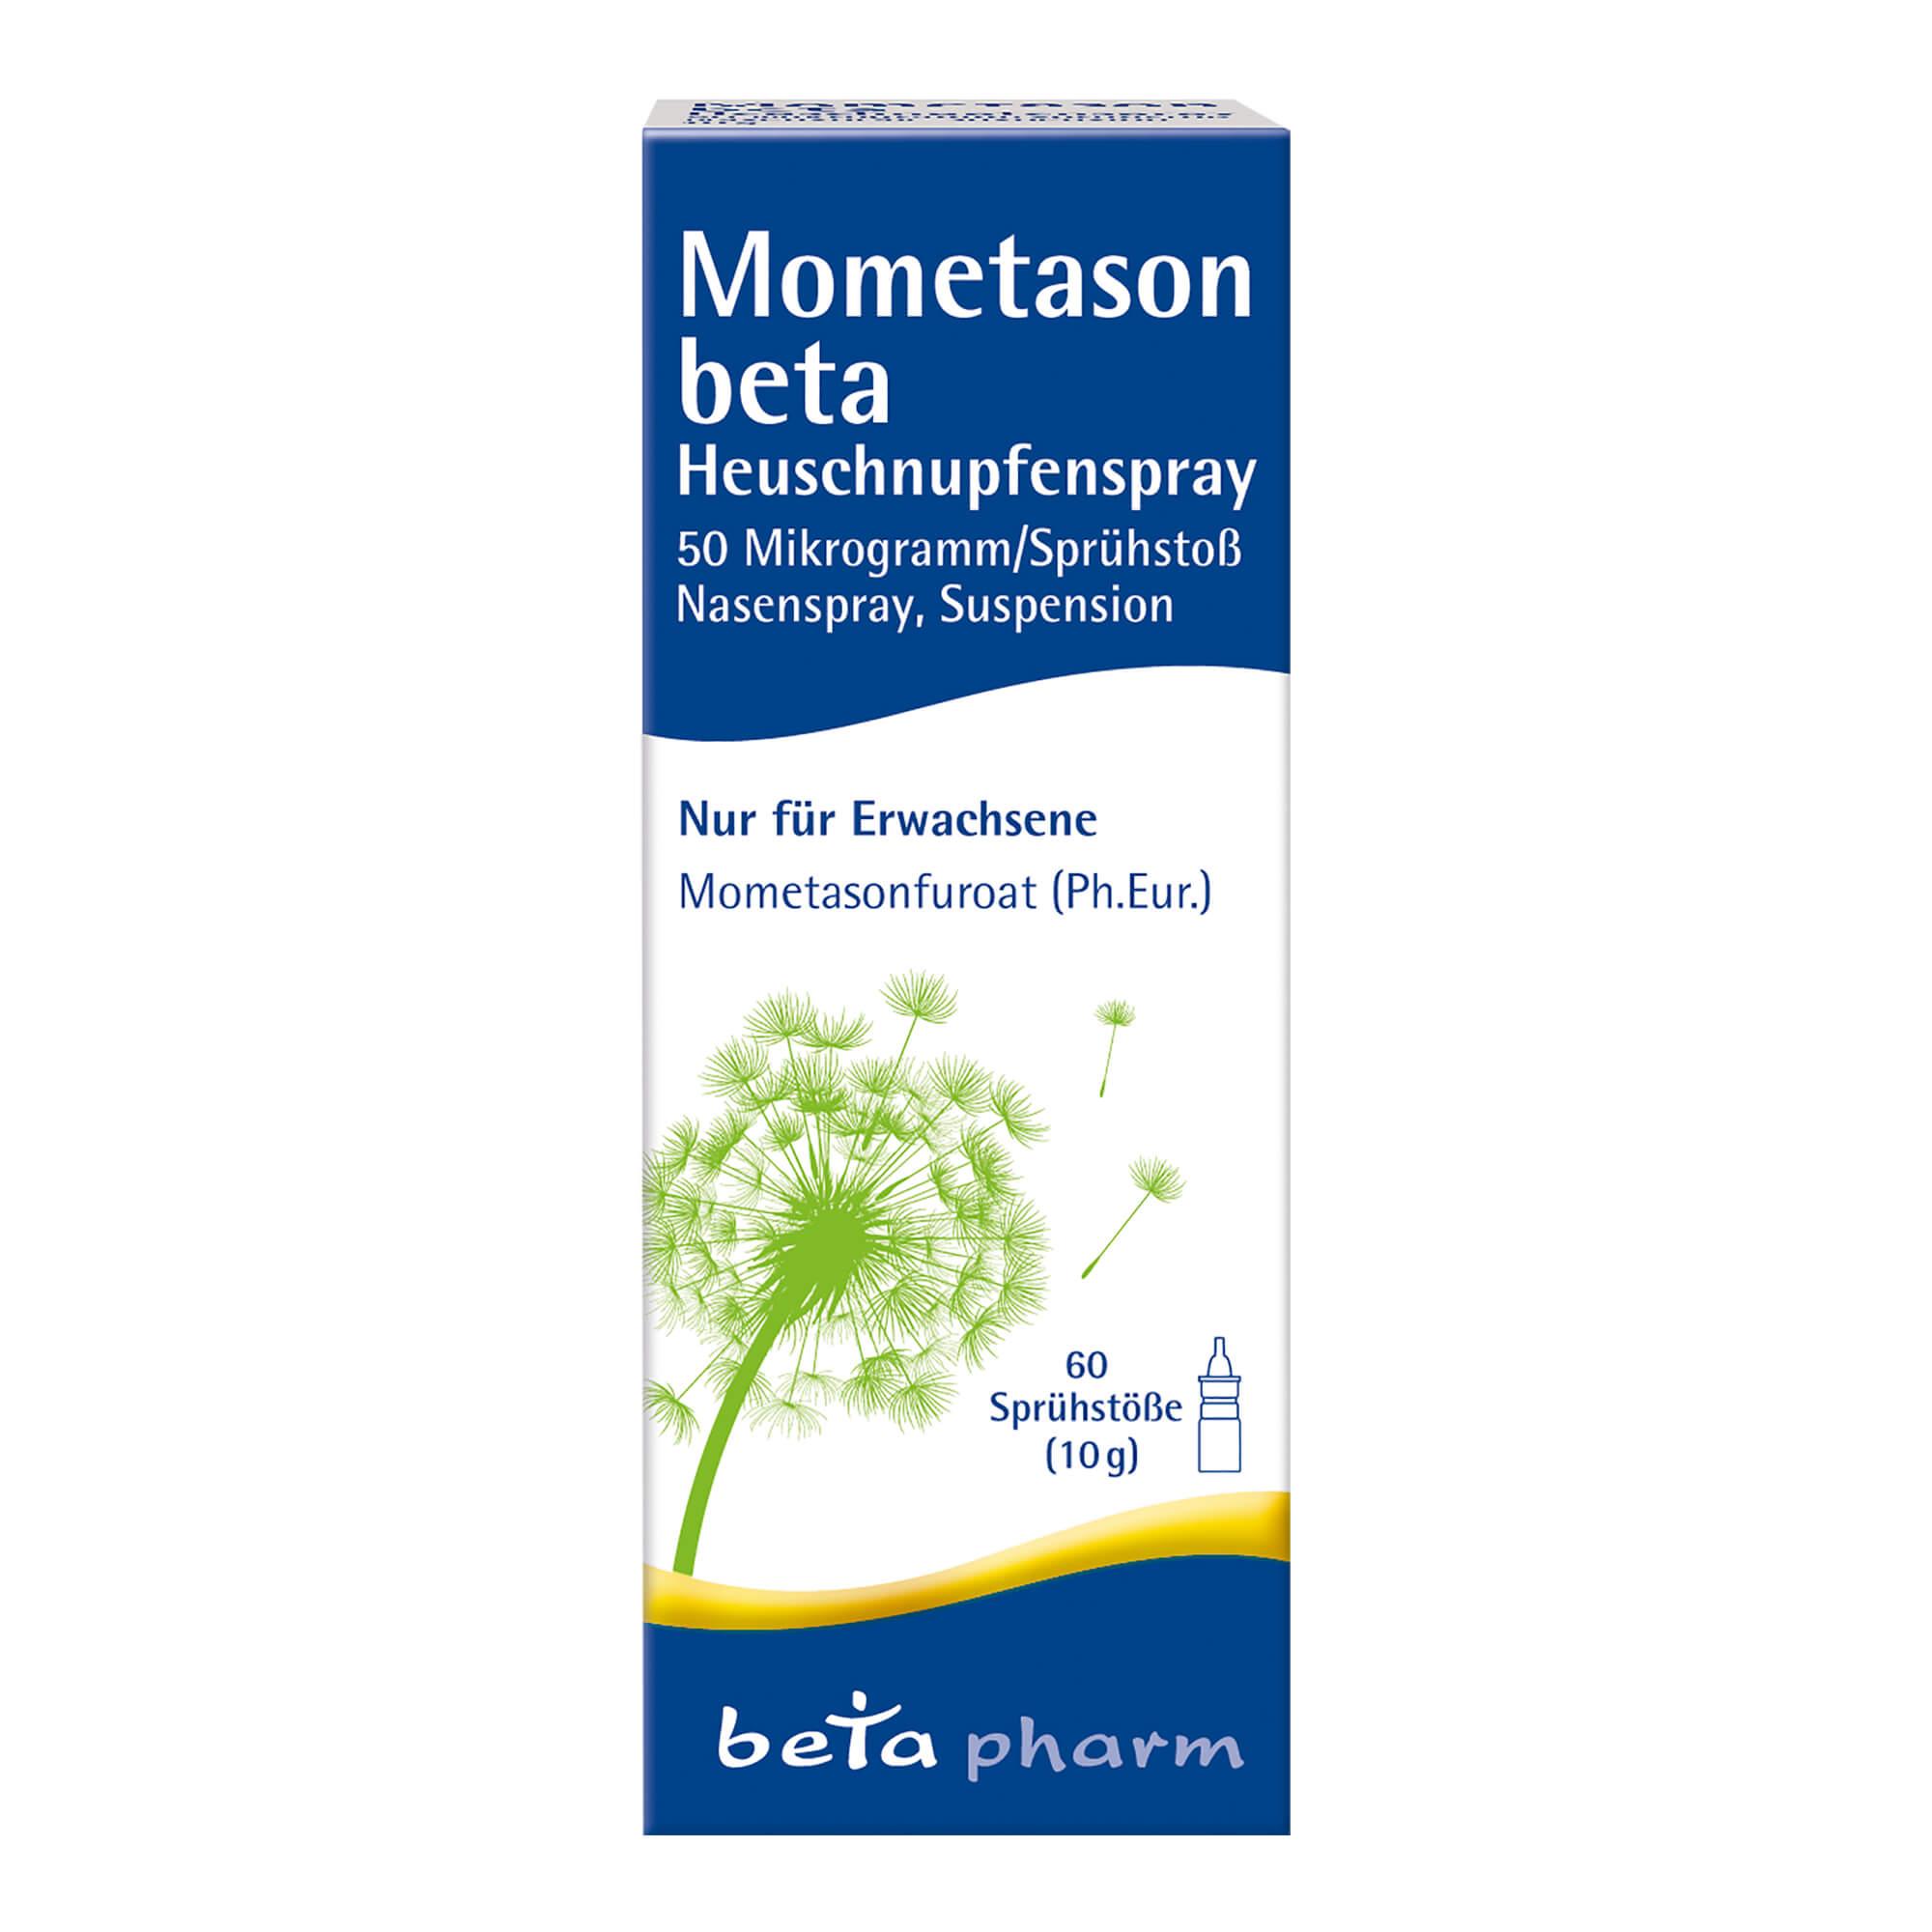 Mometason beta Heuschnupfenspray